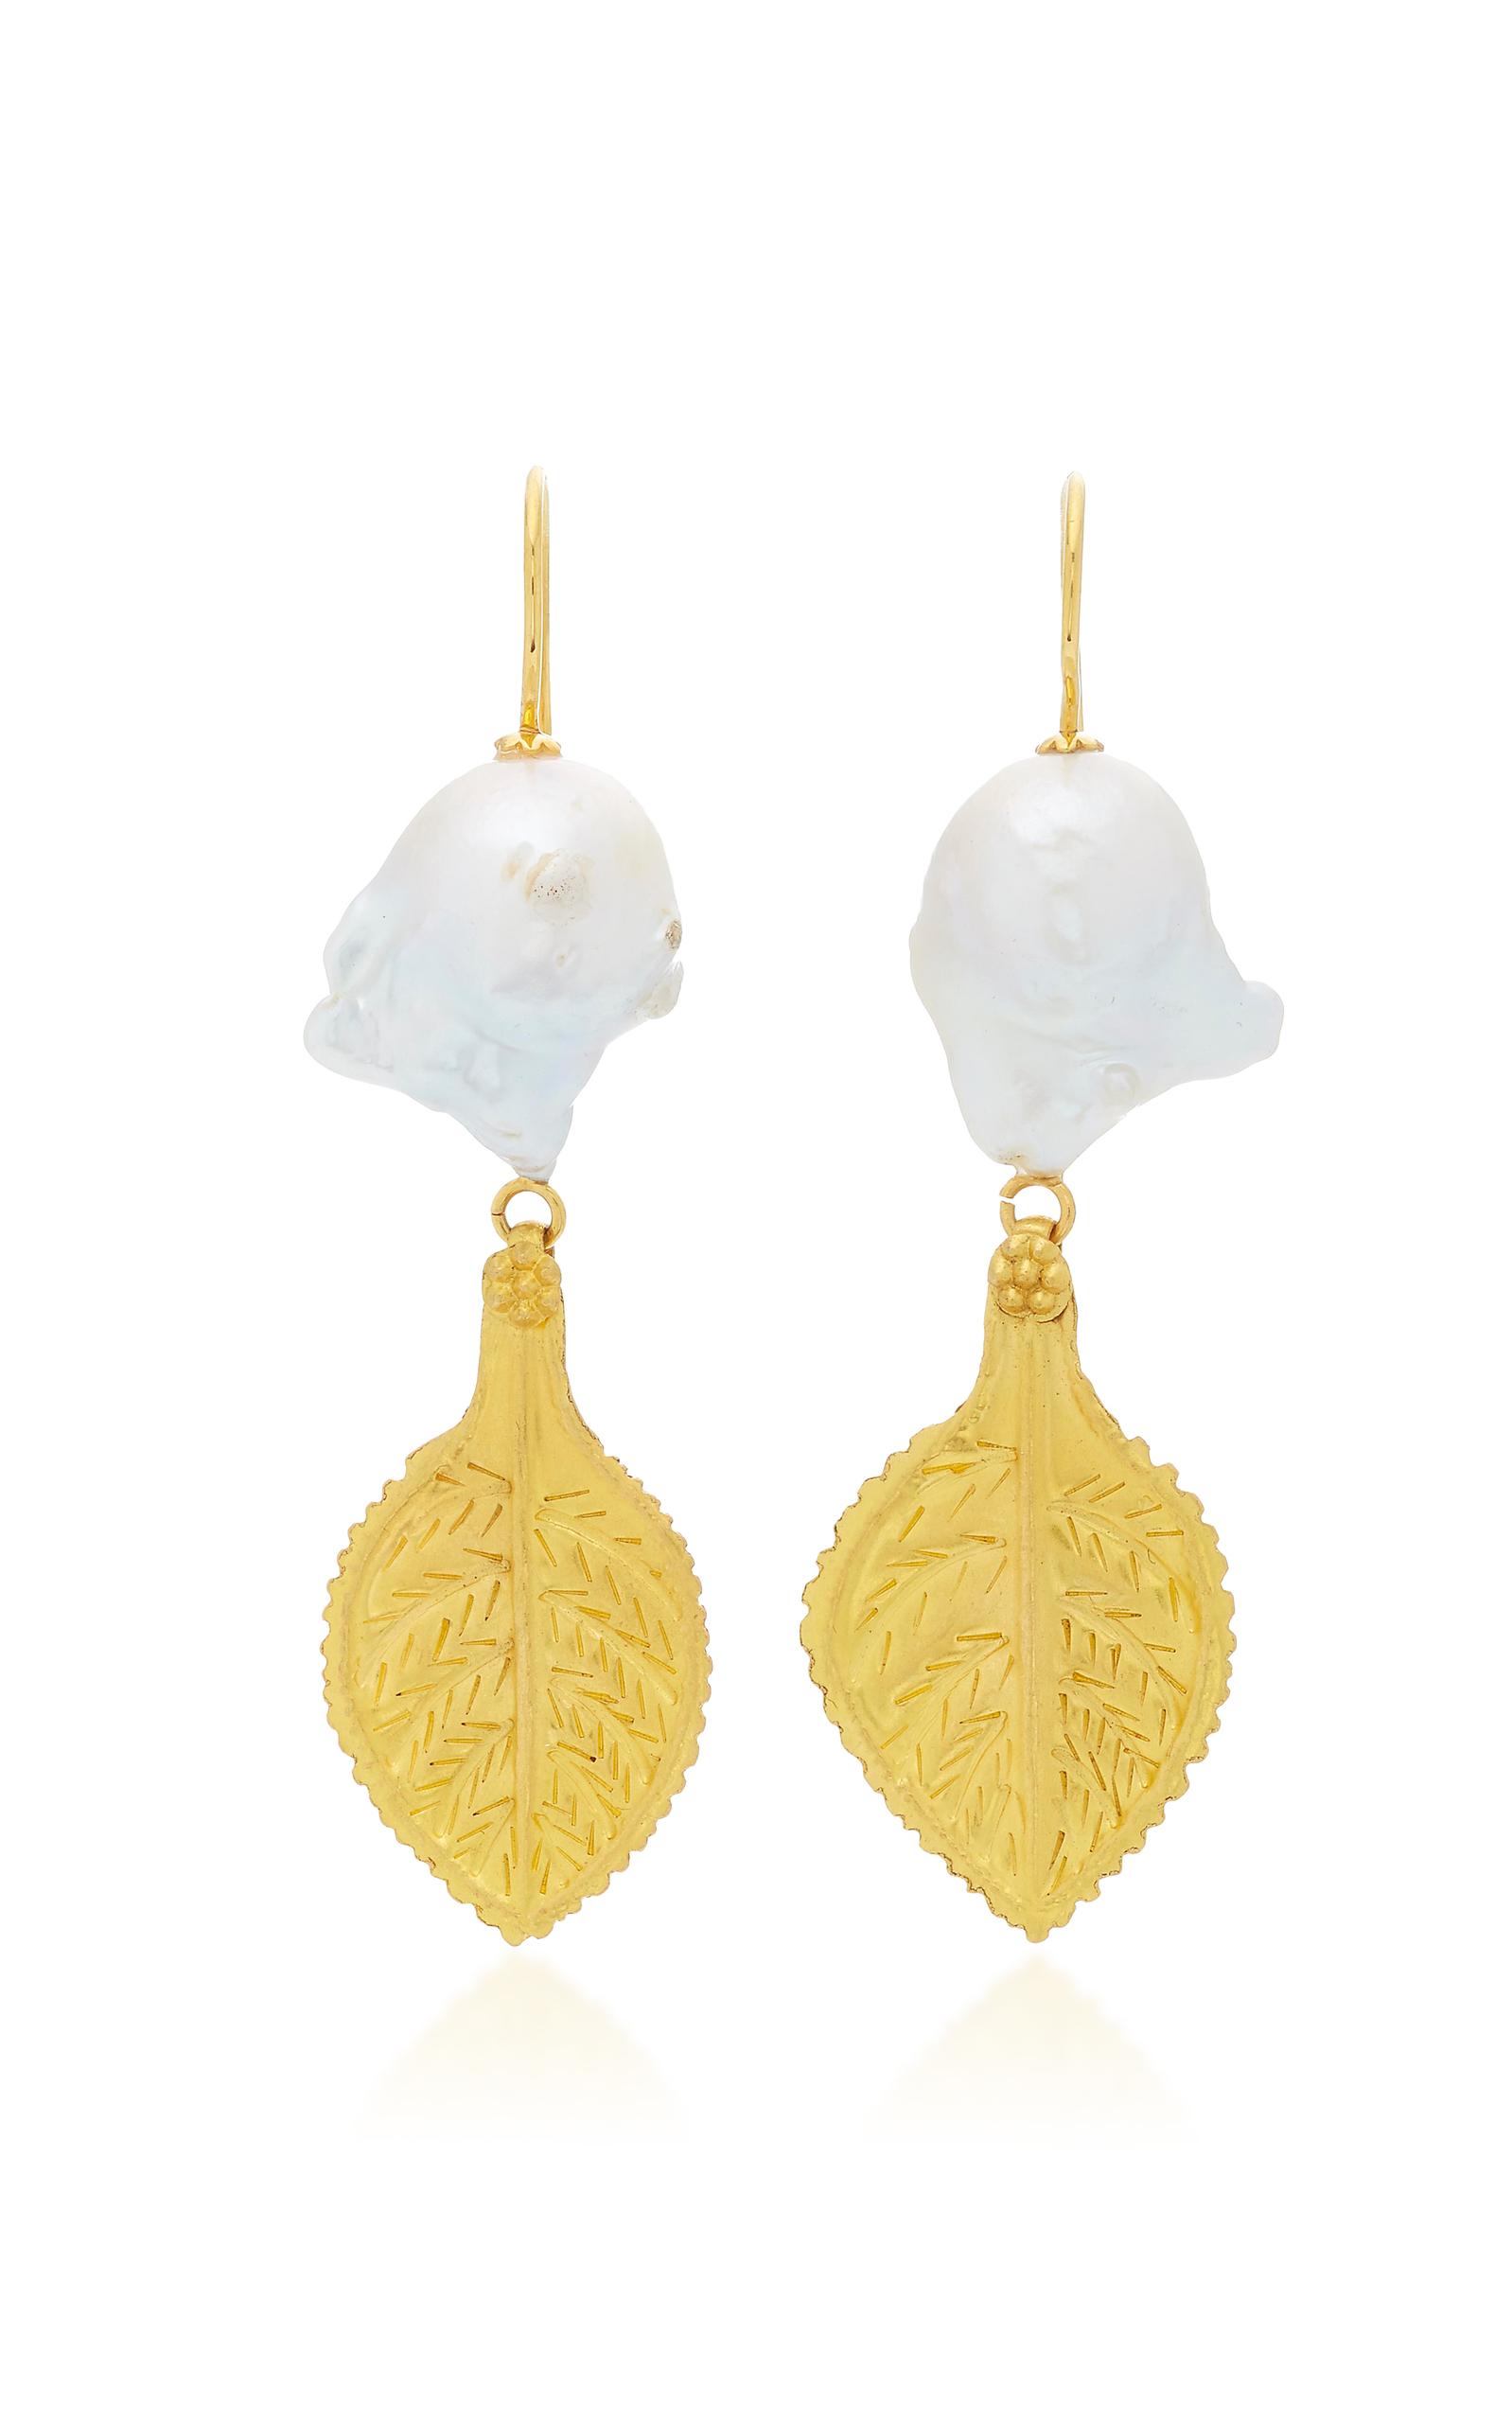 Ranjana Khan Accessories GOLD LEAF AND PEARL EARRINGS